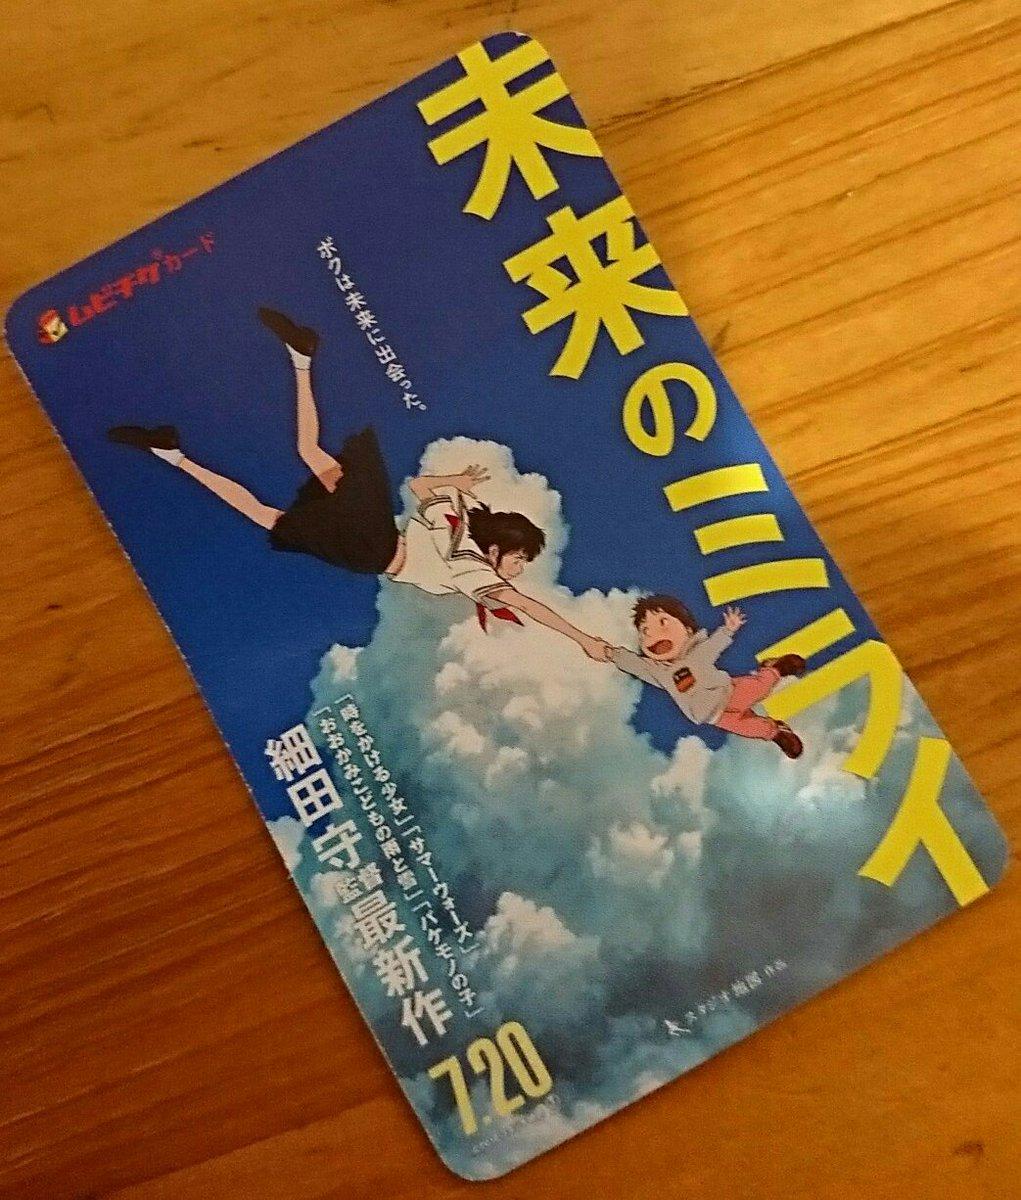 公開初日に観て以来、2回目やっと行けた💕 今回は雑念なくストーリーに集中💖 細田守ワールドに浸れた✨✨  #未来のミライ #細田守の夏がやってくる